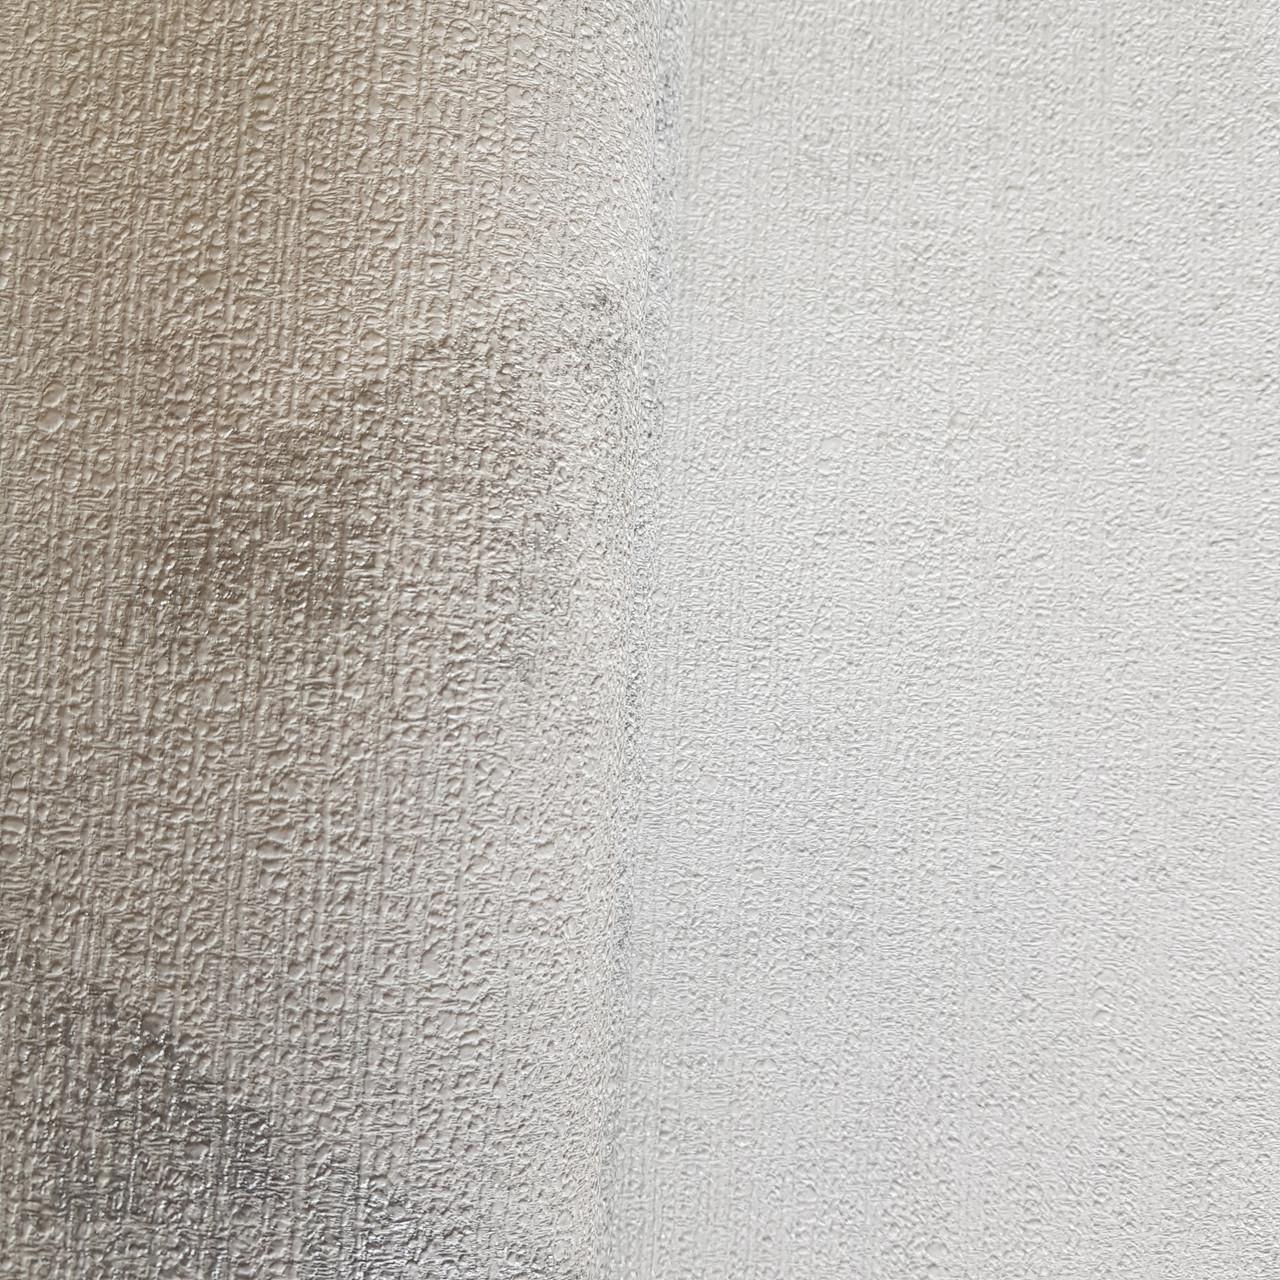 Шпалери вінілові на флізелін Rasch Victoria метрові під штукатурку ефект потертості білі з сірим